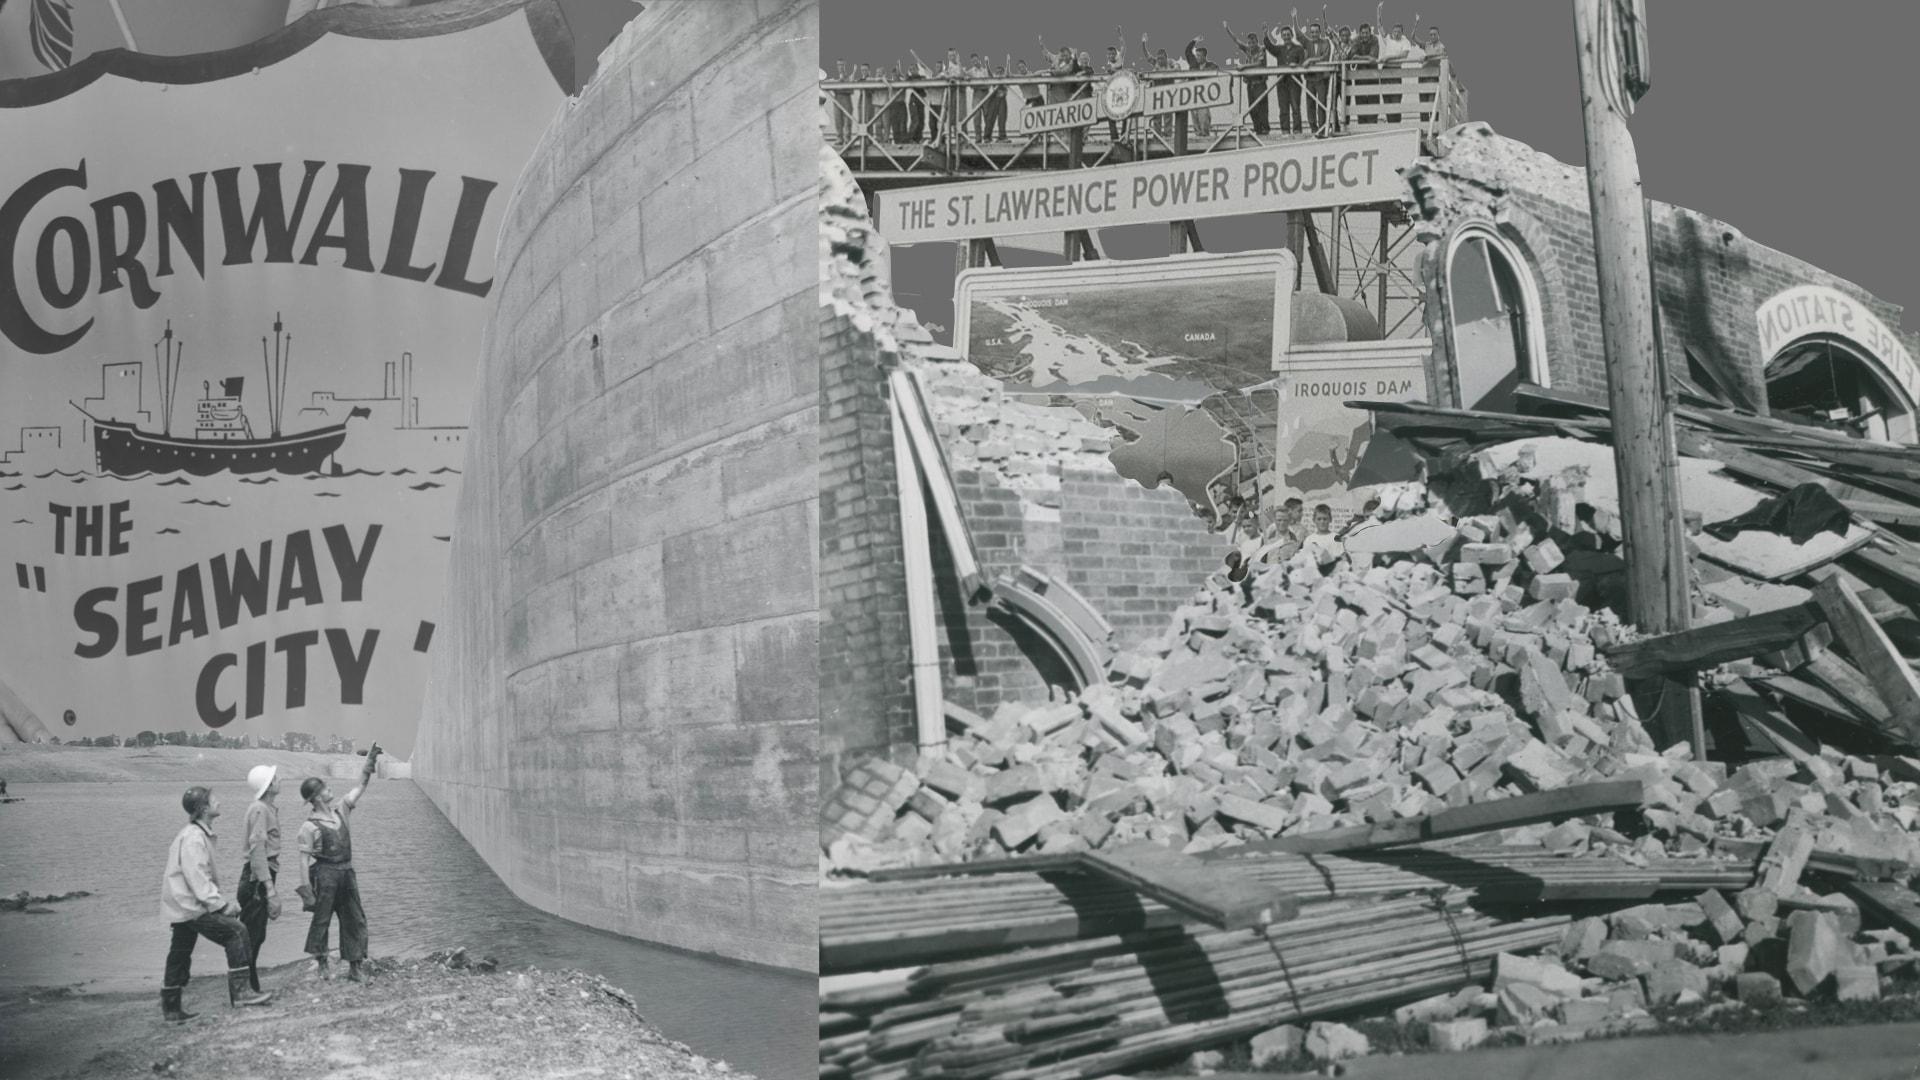 Historical Photos of Cornwall, Ontario